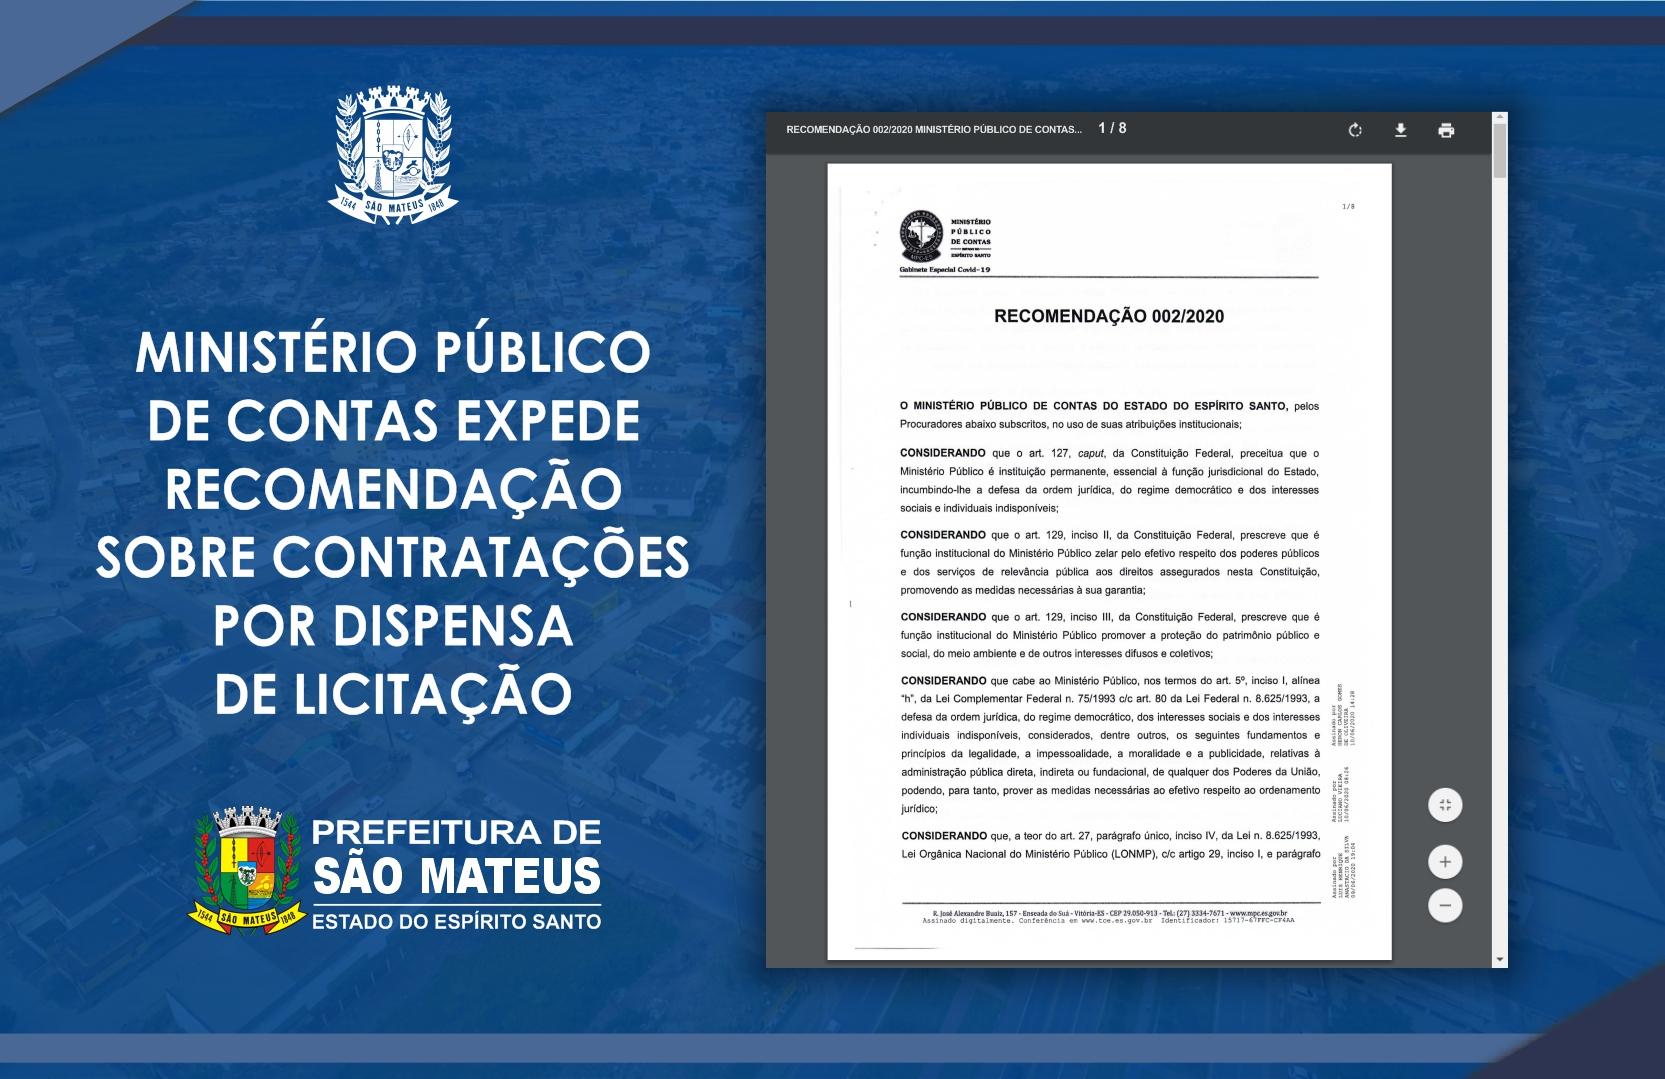 MINISTÉRIO PÚBLICO DE CONTAS EXPEDE RECOMENDAÇÃO SOBRE CONTRATAÇÕES POR DISPENSA DE LICITAÇÃO